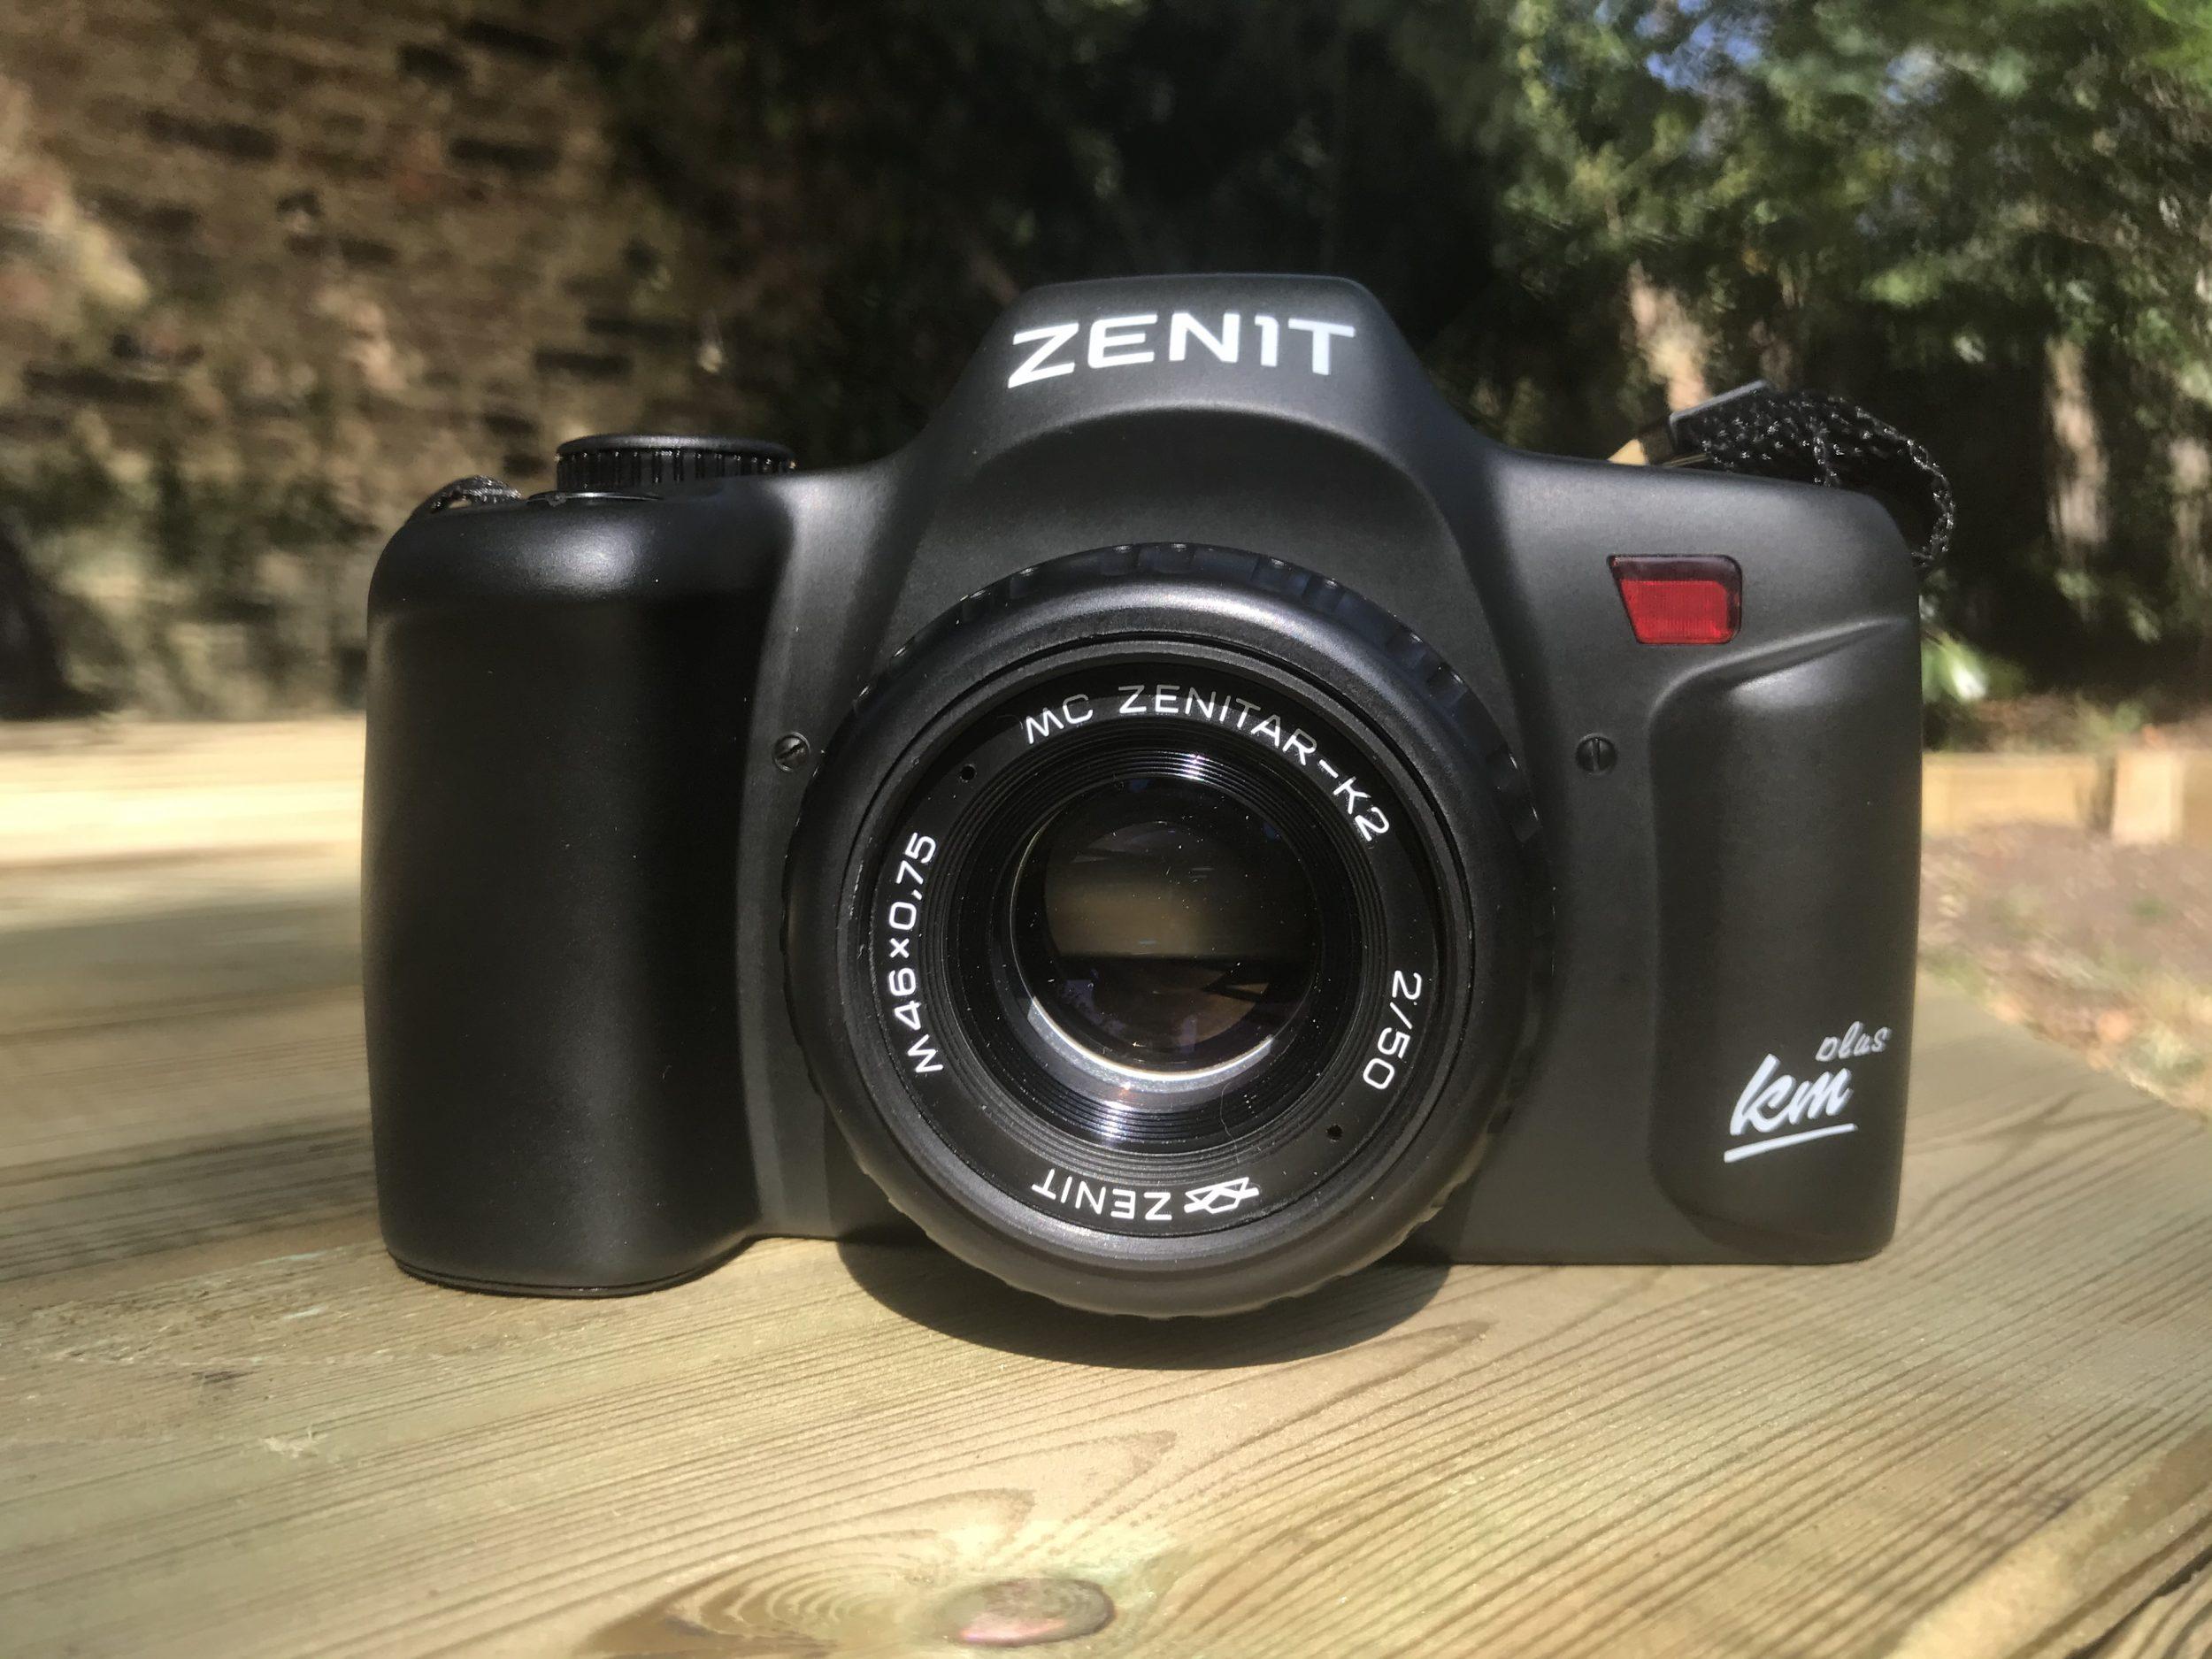 Zenit-KM Plus (Pic: Stephen Dowling)